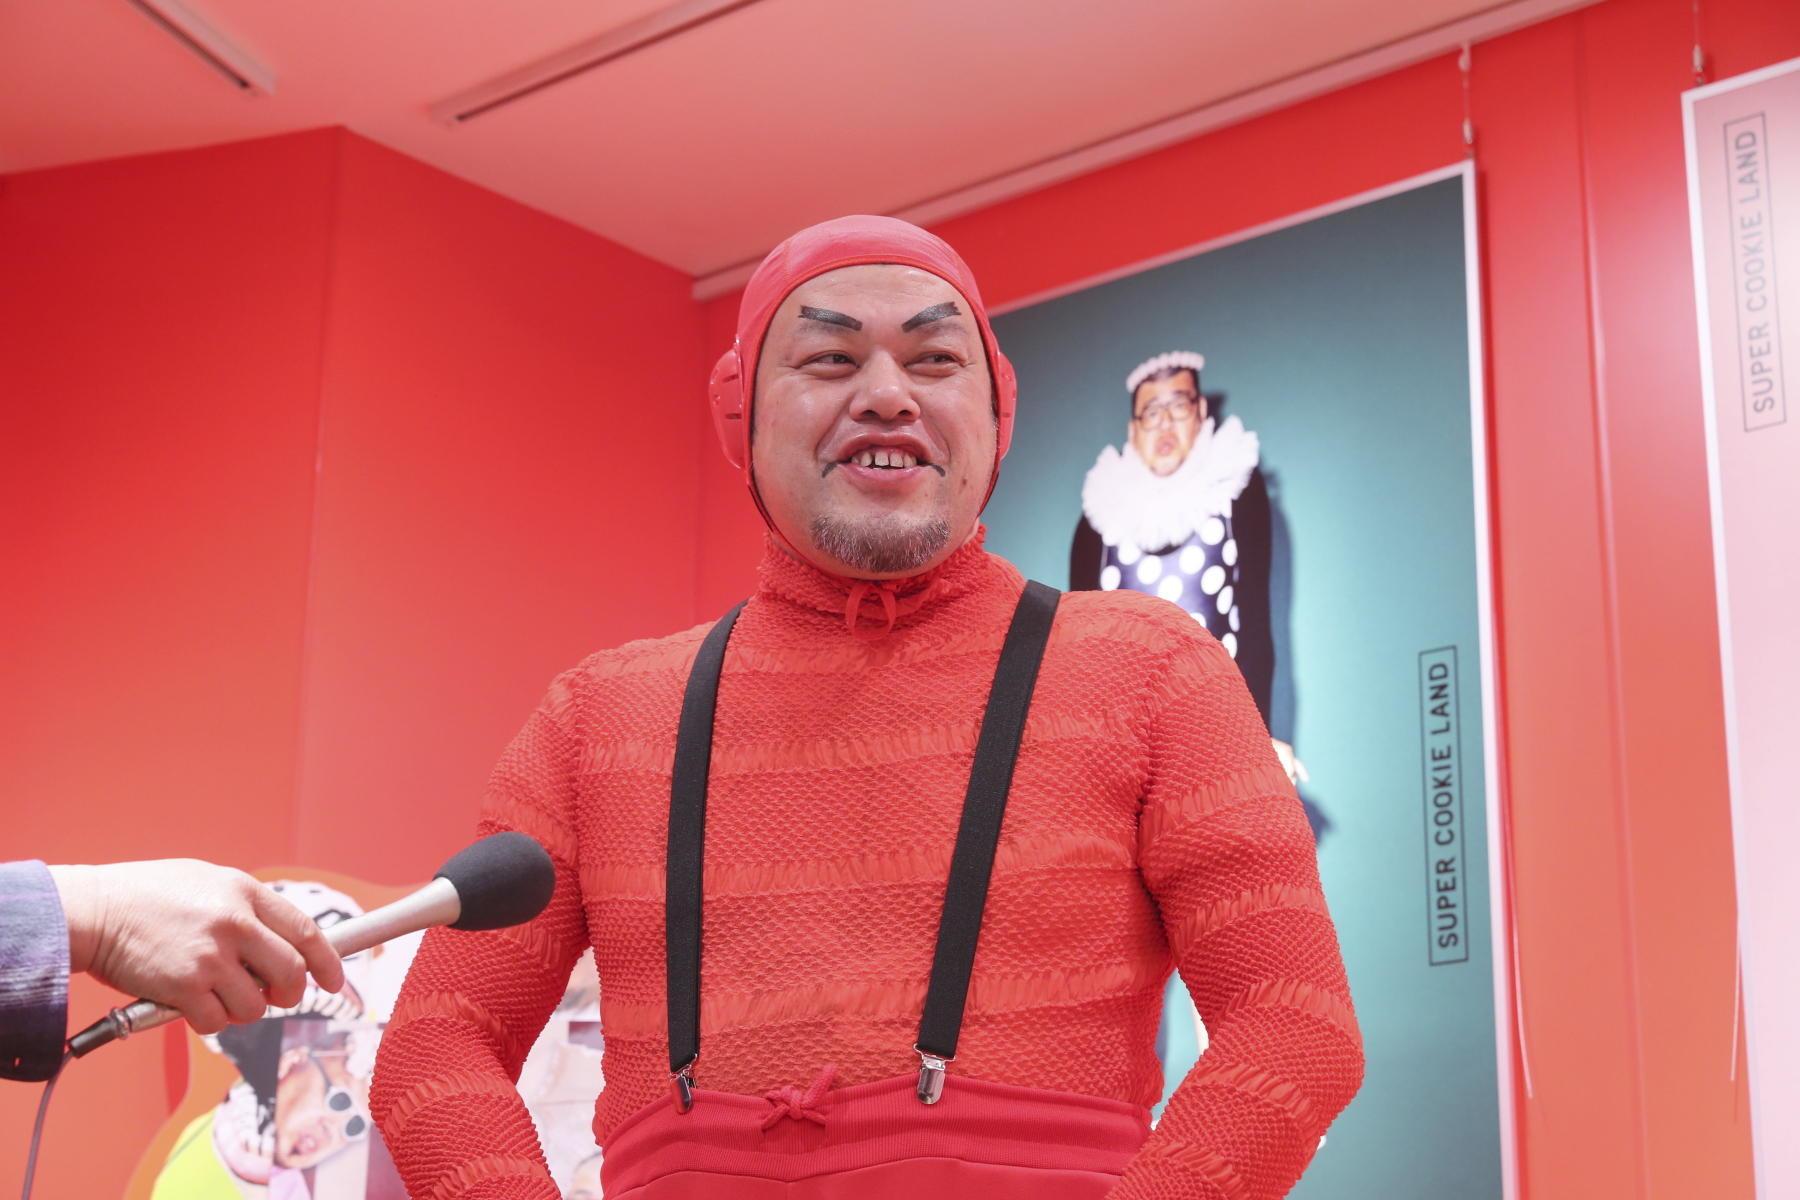 http://news.yoshimoto.co.jp/20190110191255-744486f8d9d8ebd870fb0be3bee329f471771c98.jpg